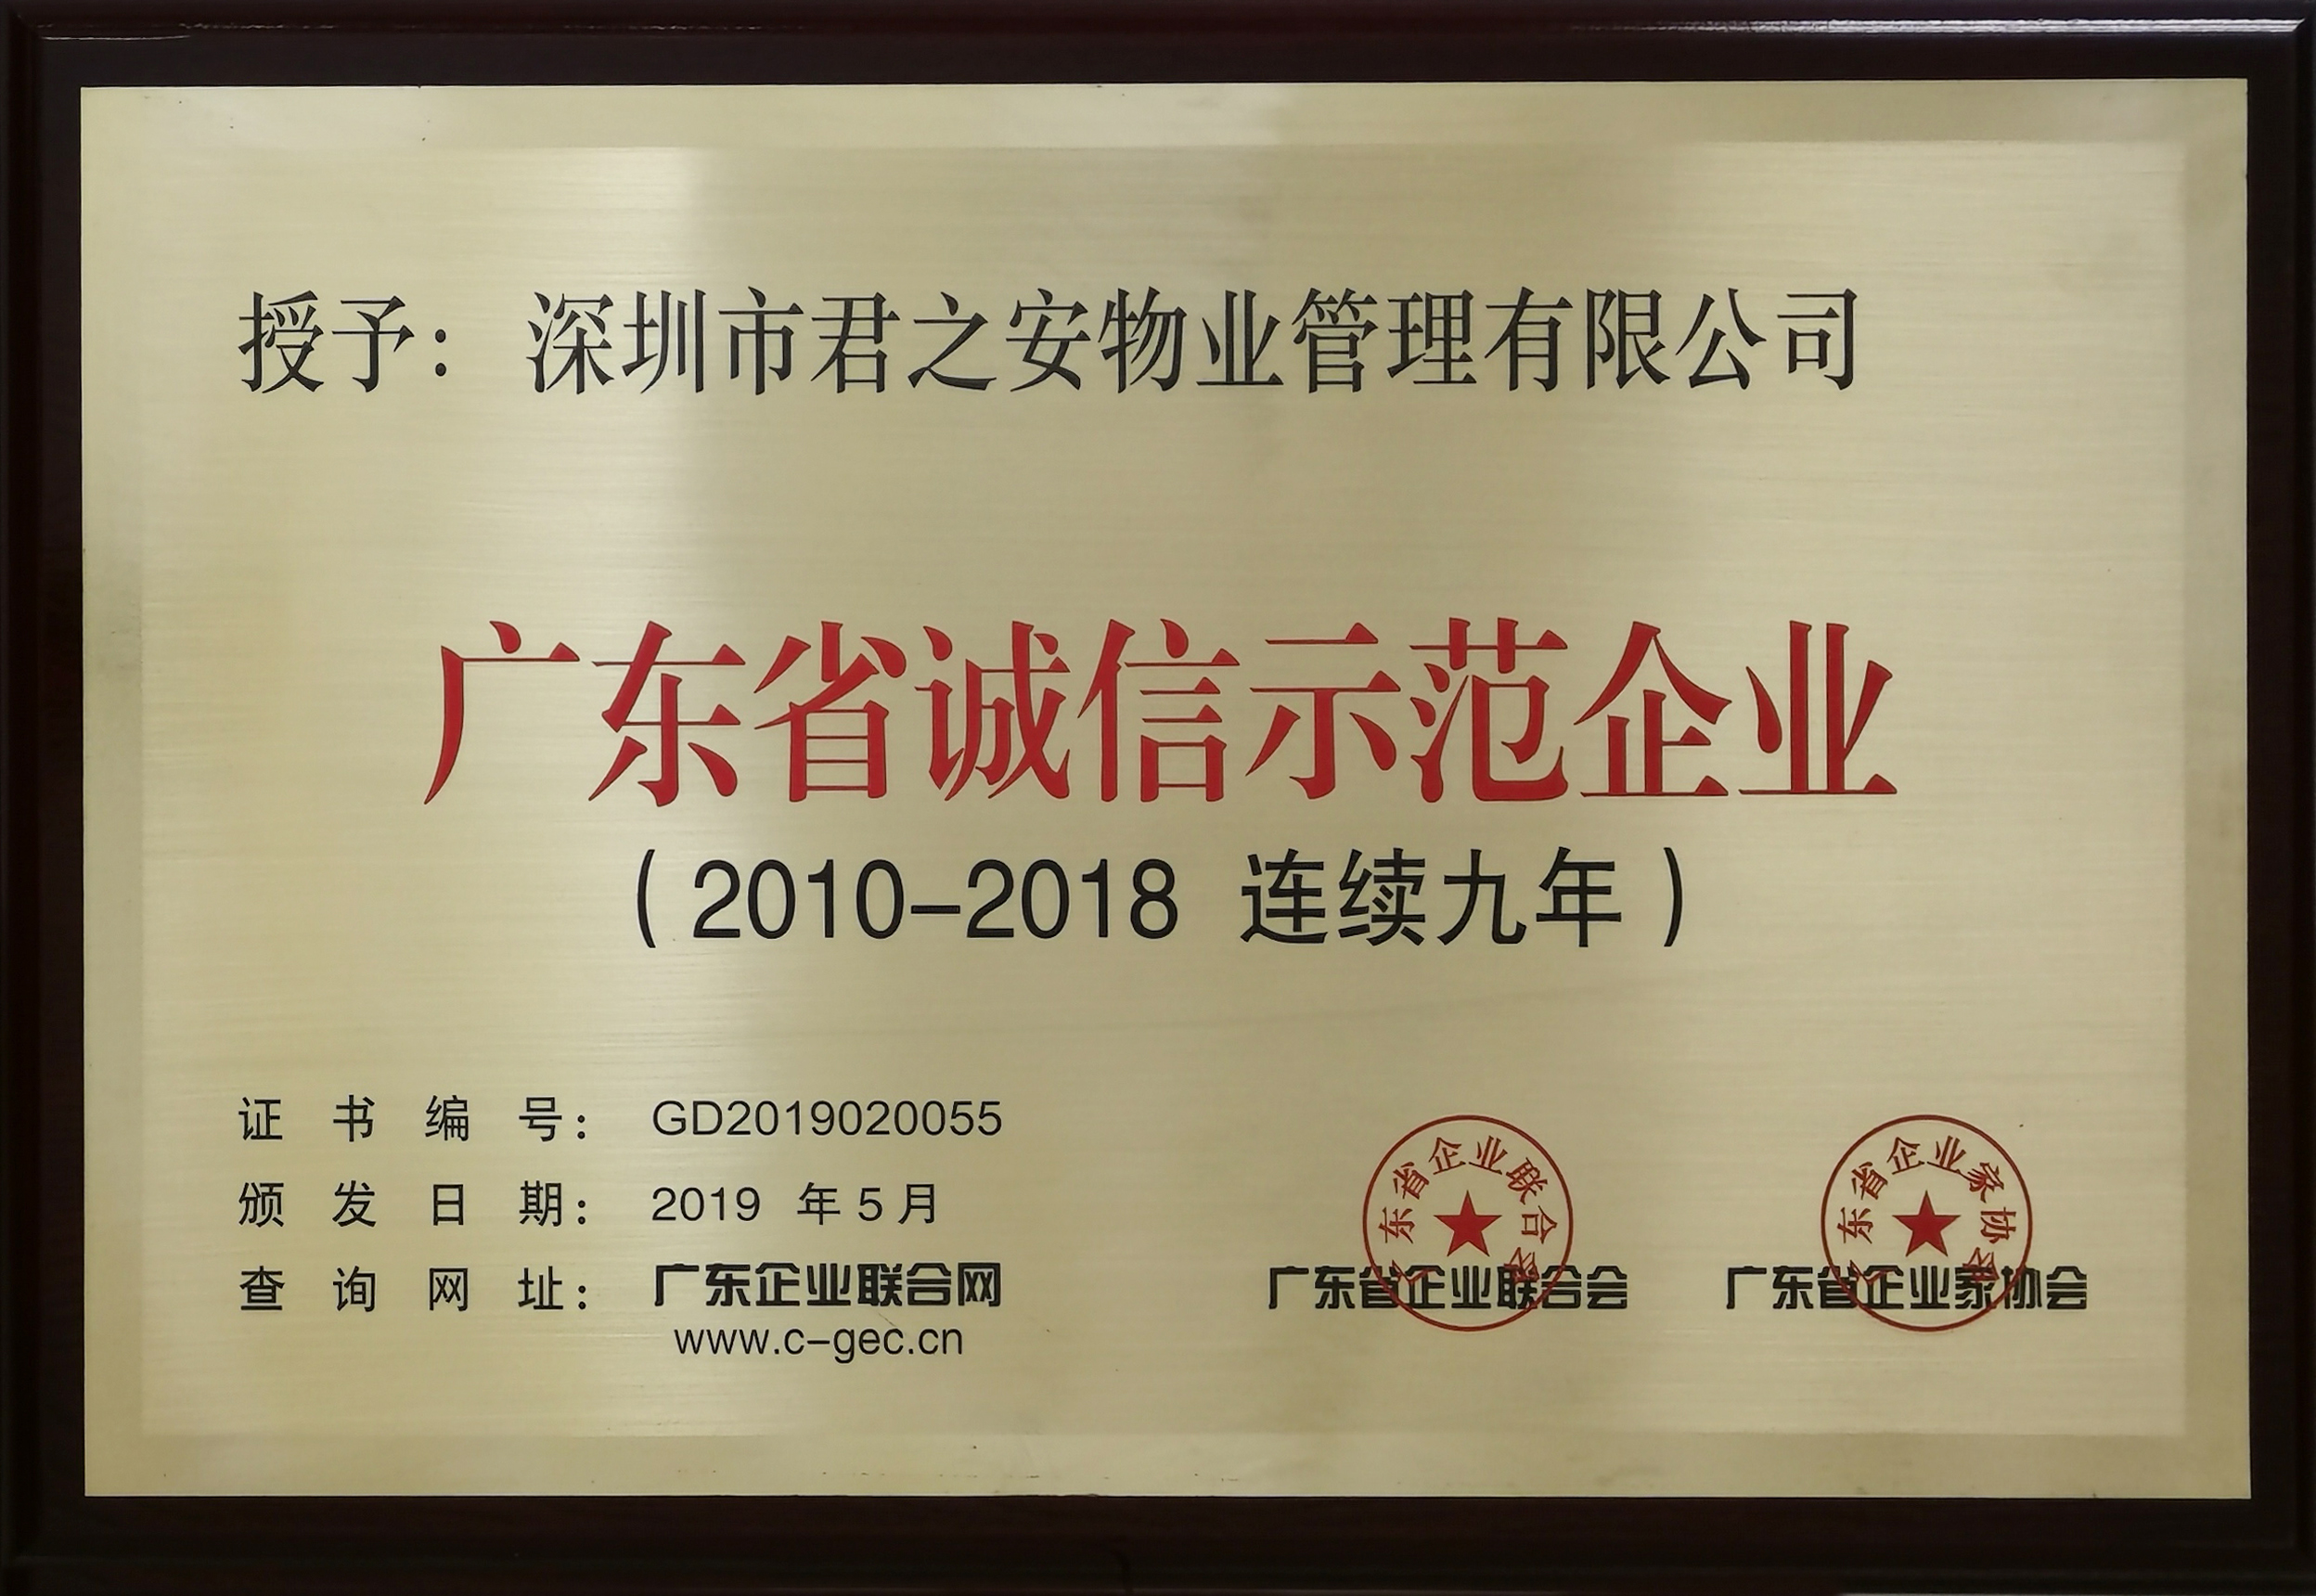 广东省诚信示范企业2010-2018连续九年